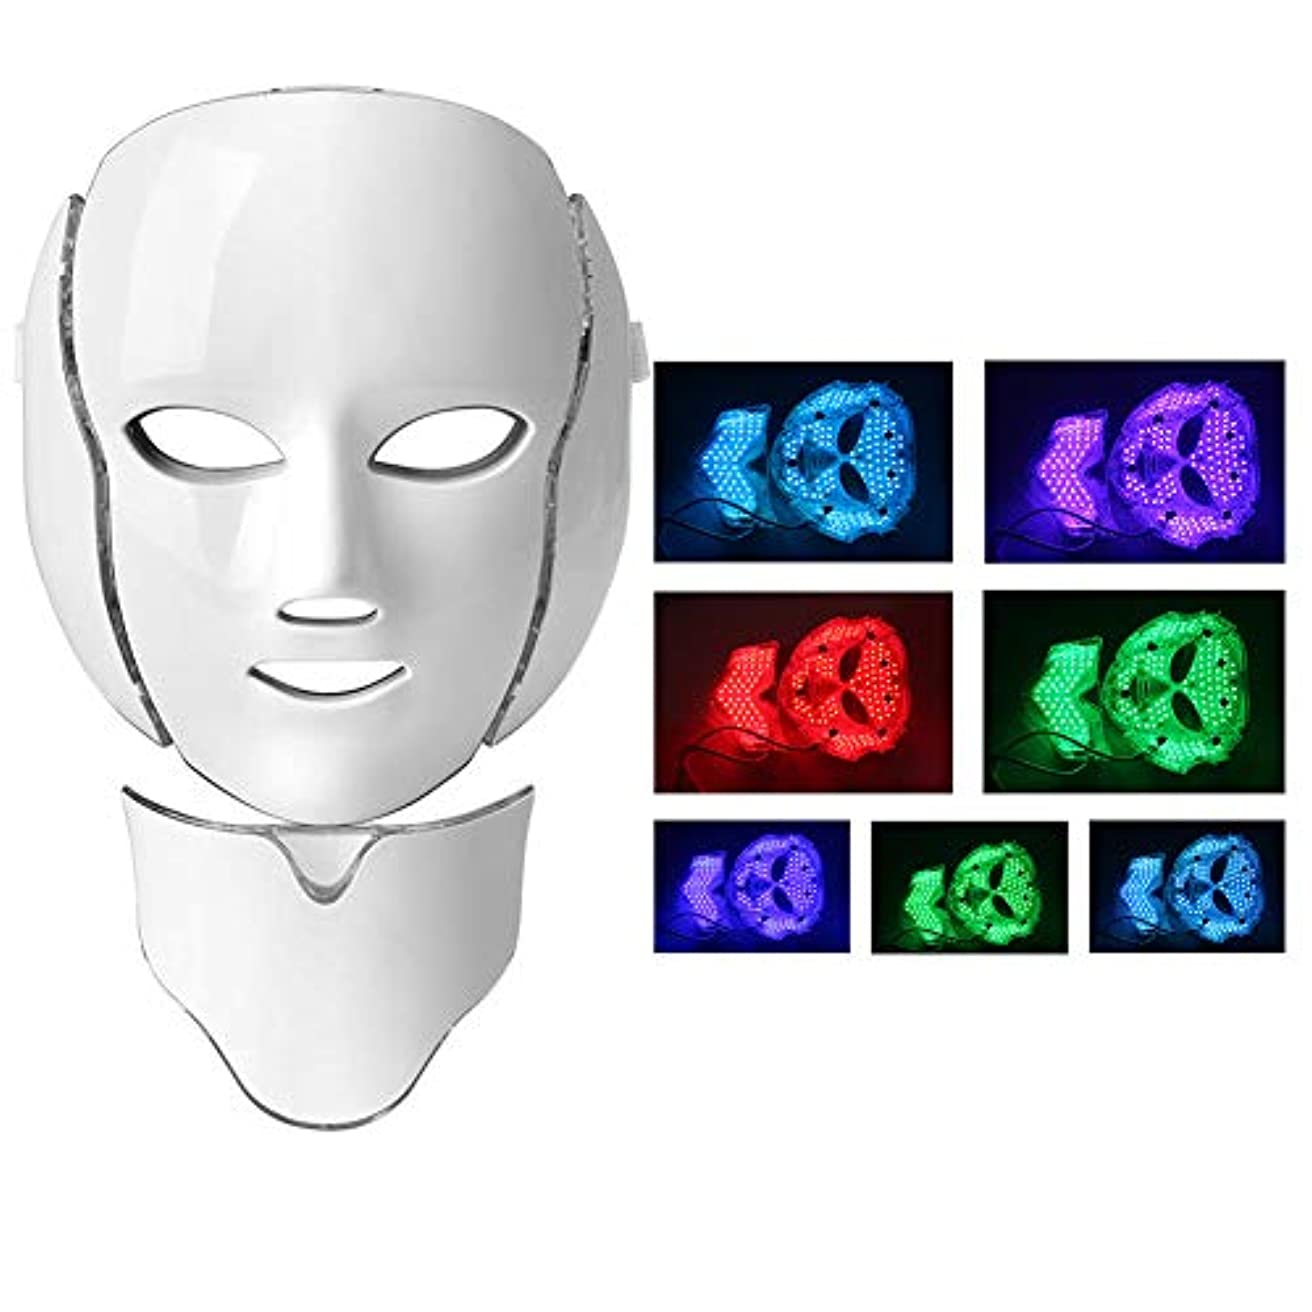 ビバ感動する将来の光療法フェイスマスク、光子療法7色のにきび治療Led光子マスク顔スキンケア抗老化キット